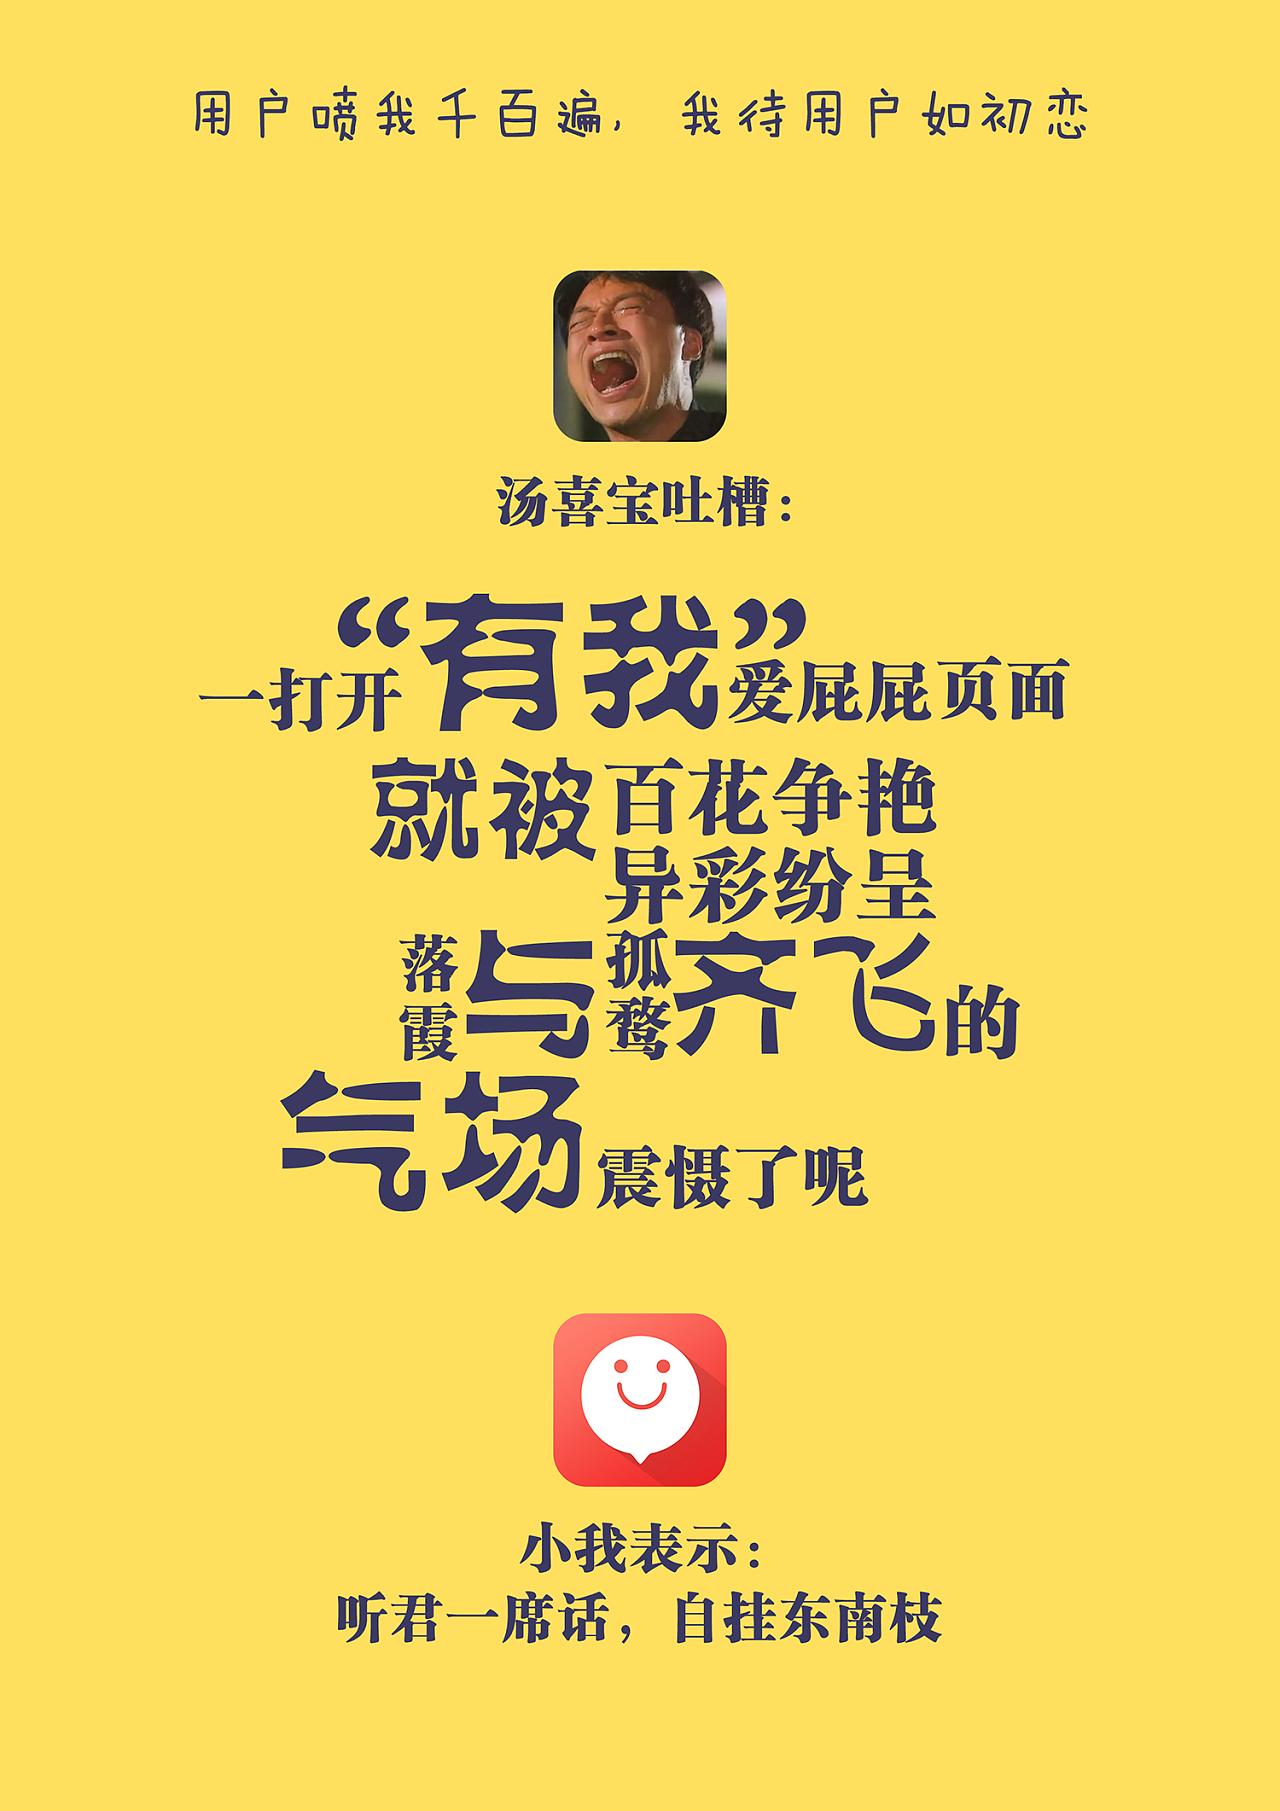 有我app自黑宣传海报纯文字简约风,午休抽空做出来的